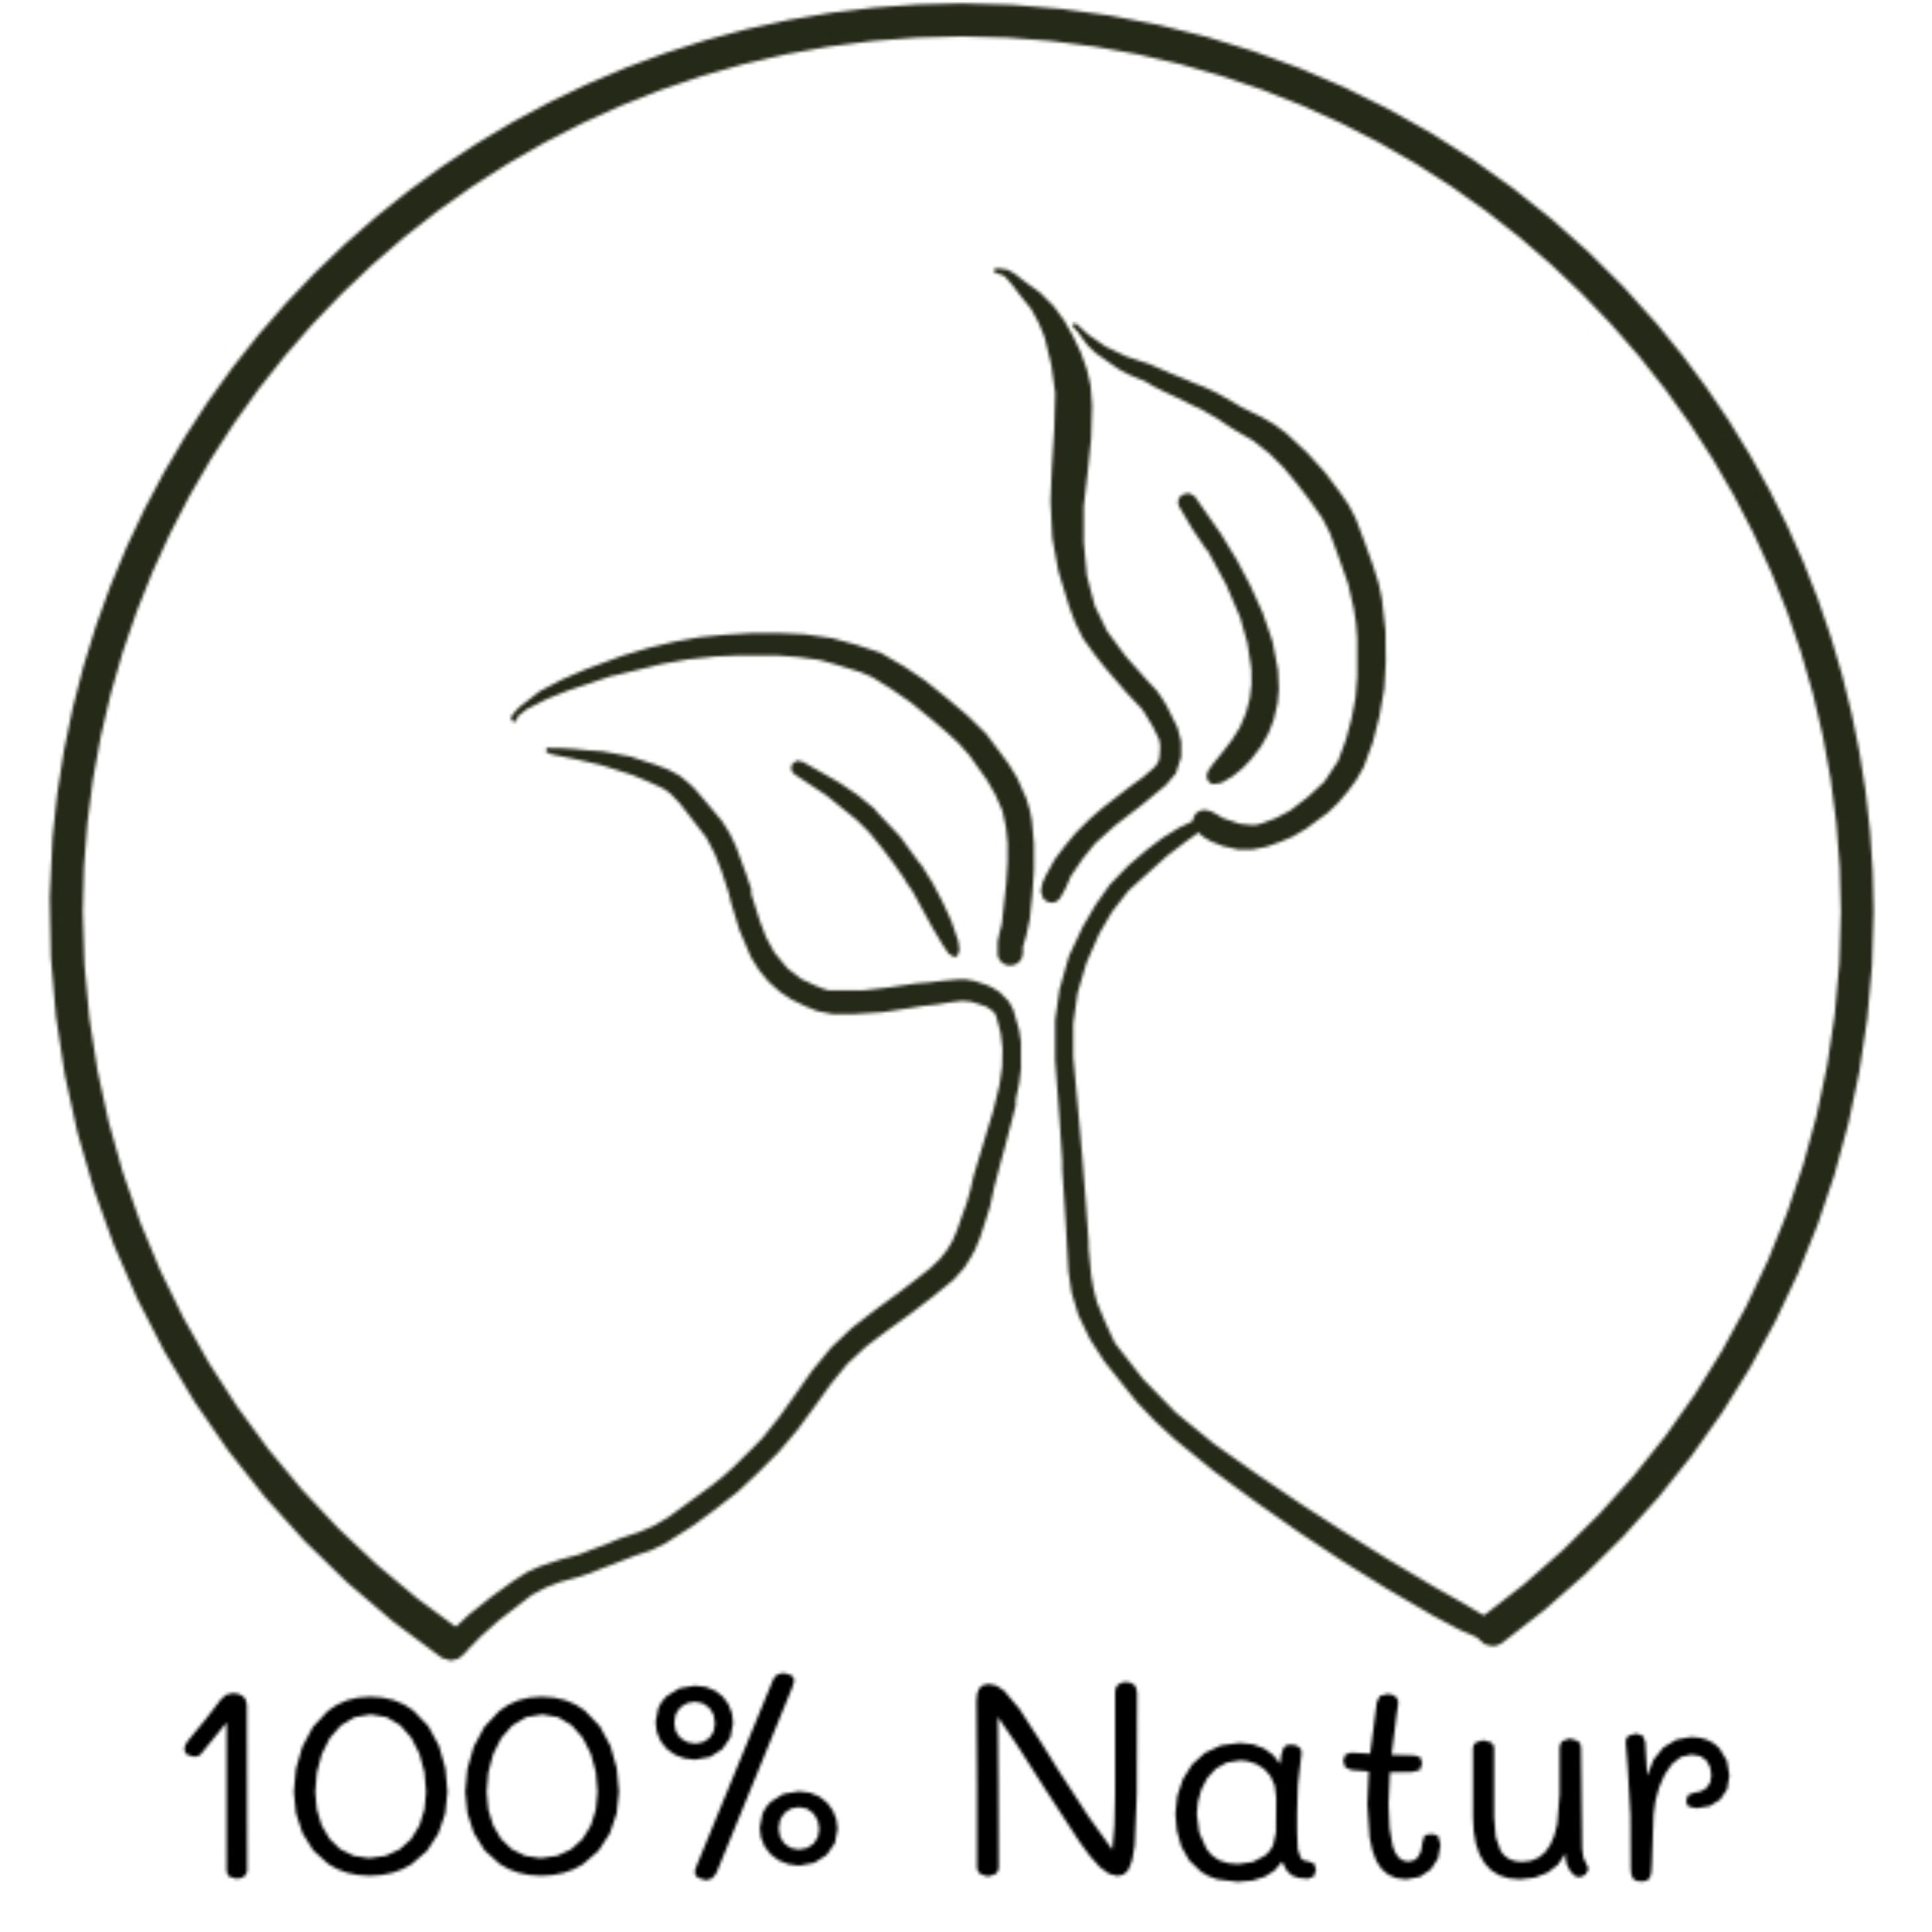 bewusstnatur 100Natur